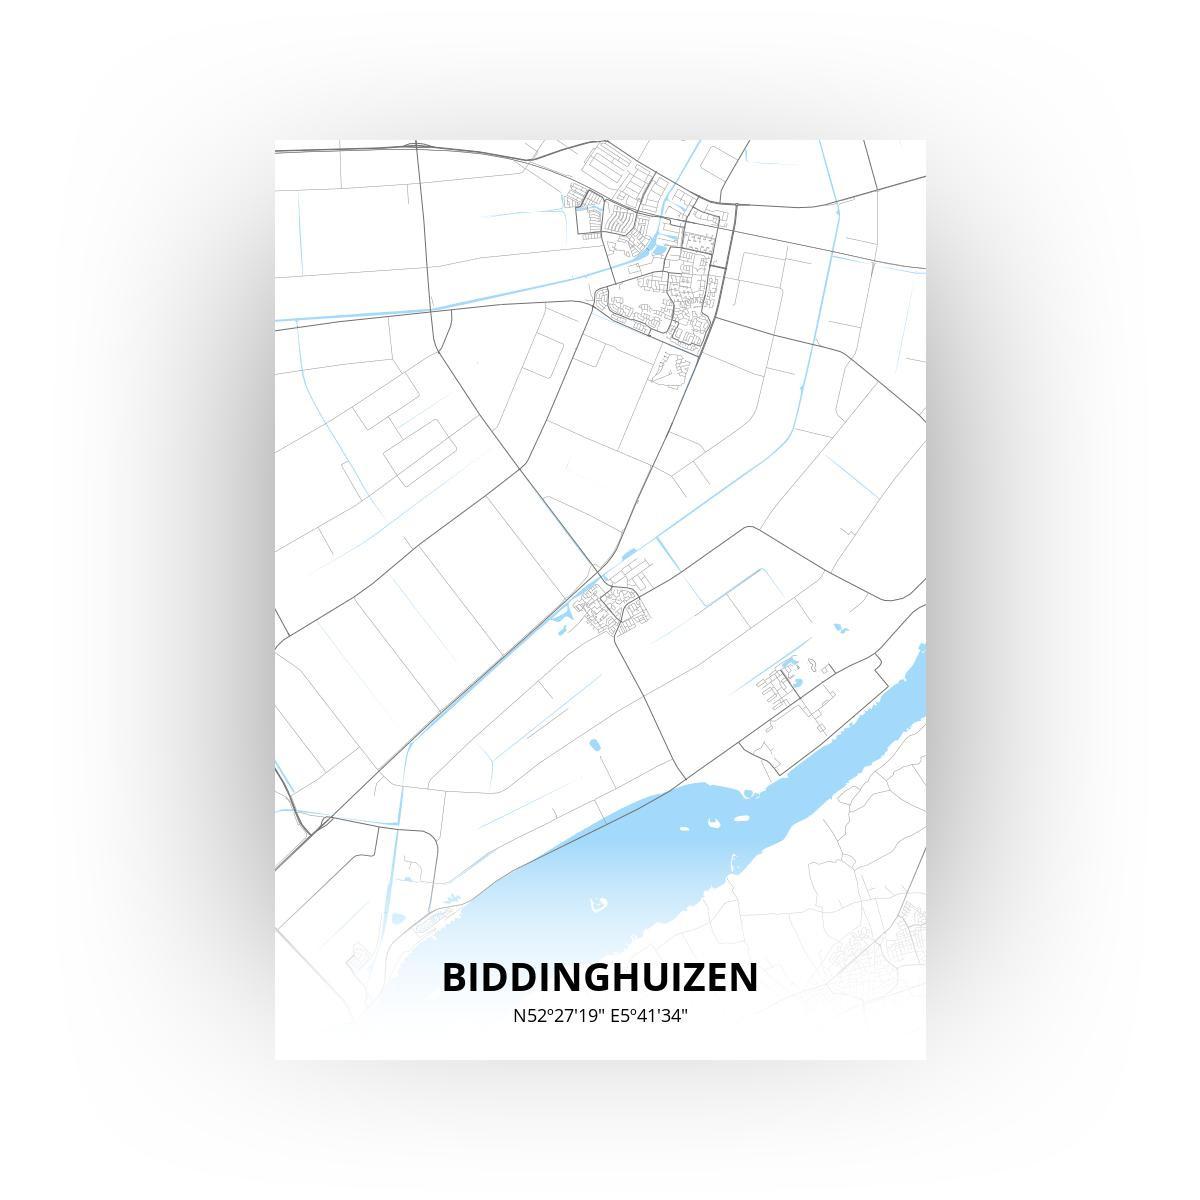 Biddinghuizen print - Standaard stijl